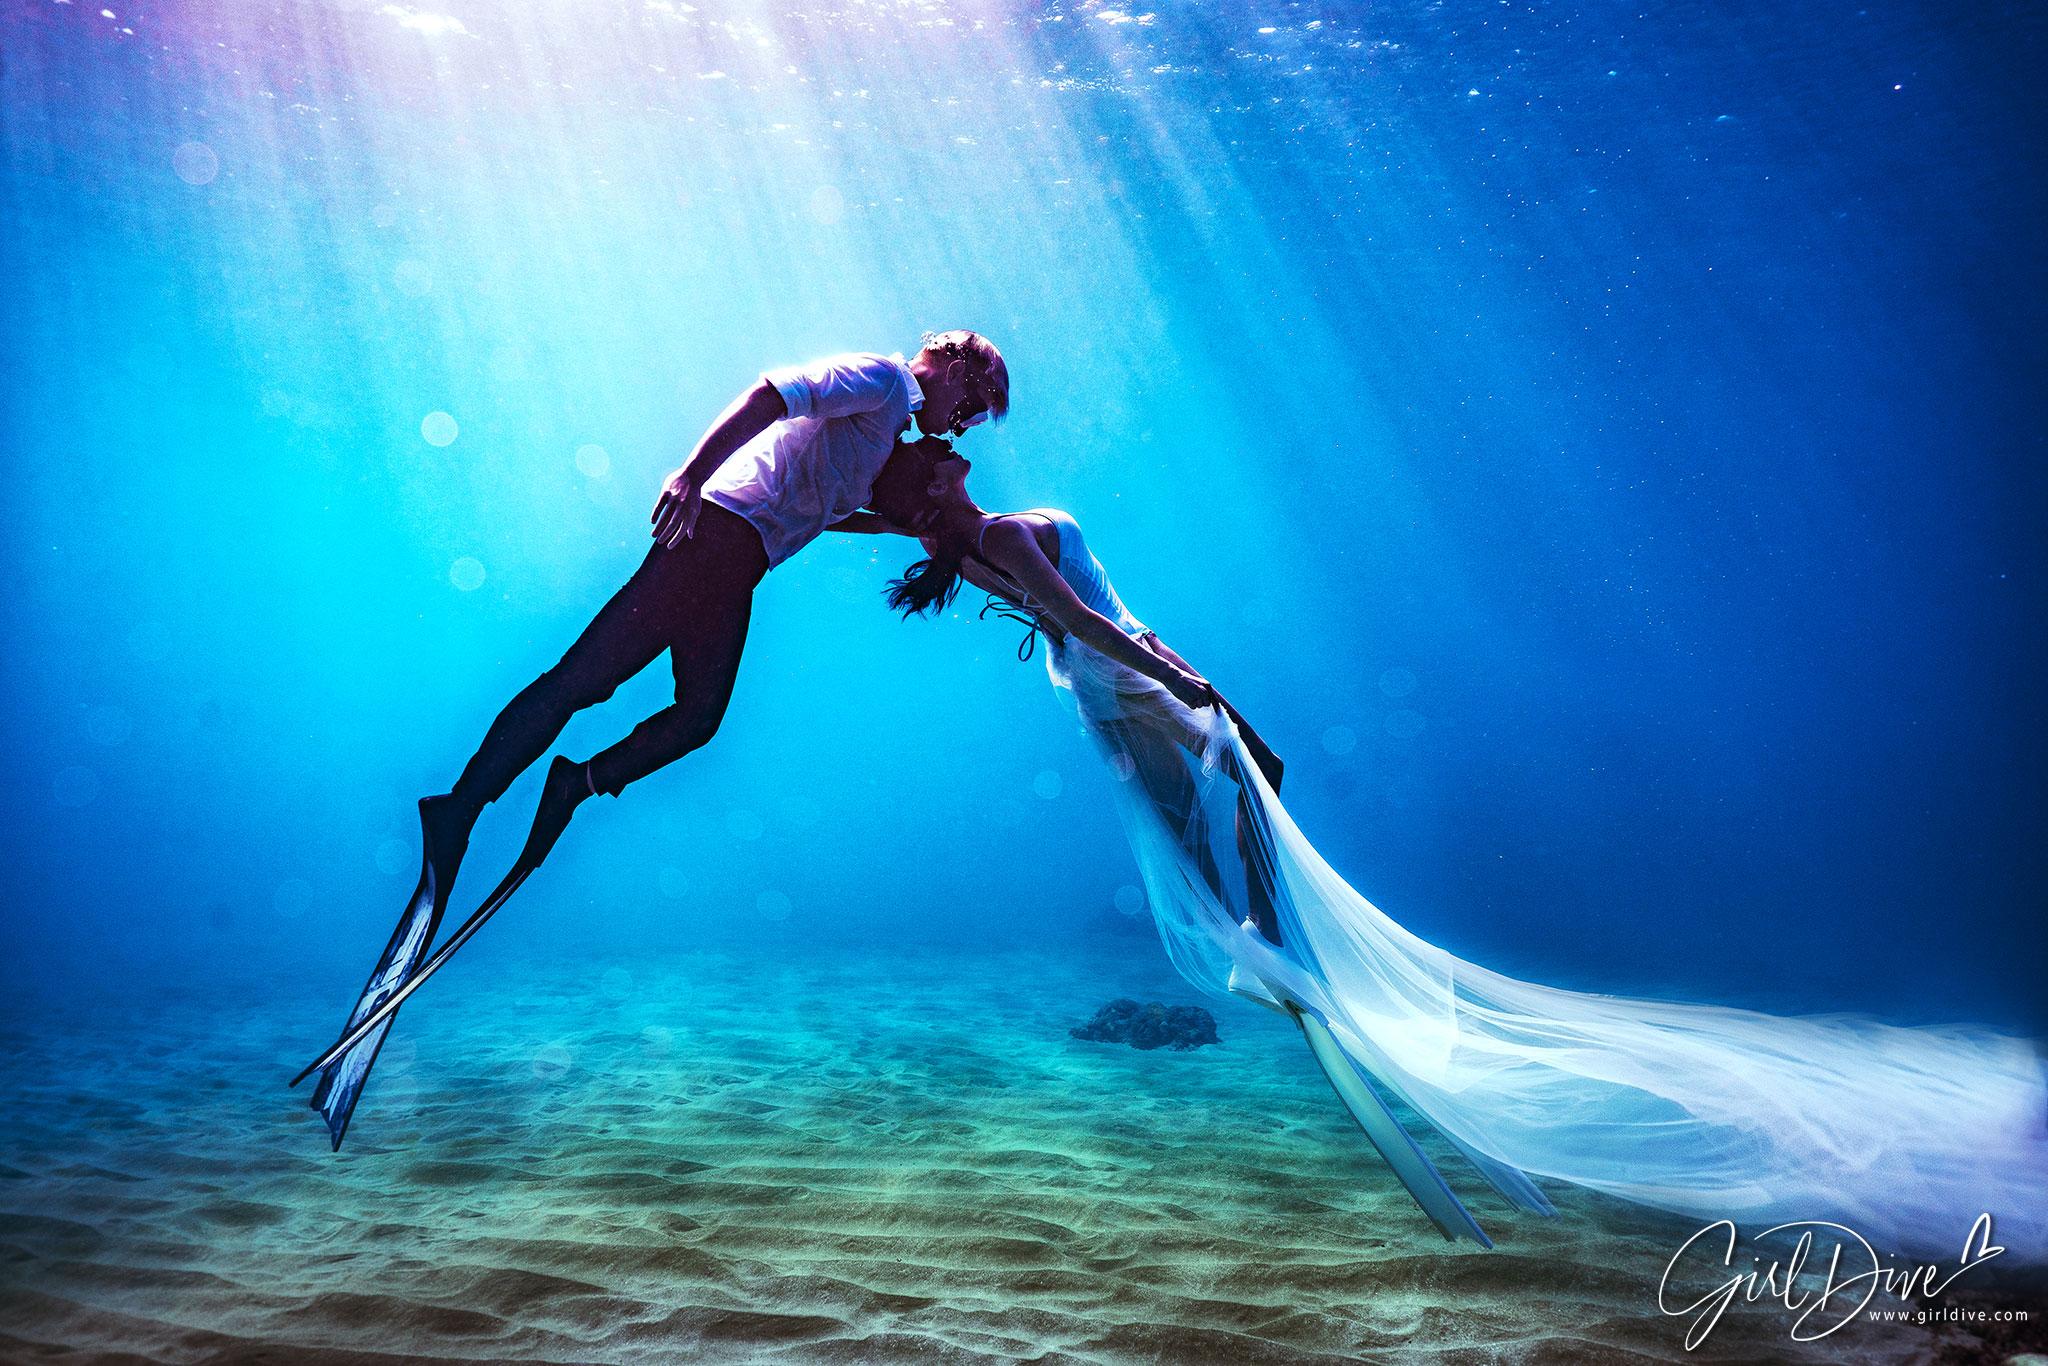 許孟哲,趙孟姿,墾丁美人魚學校,海底婚紗,水中婚紗